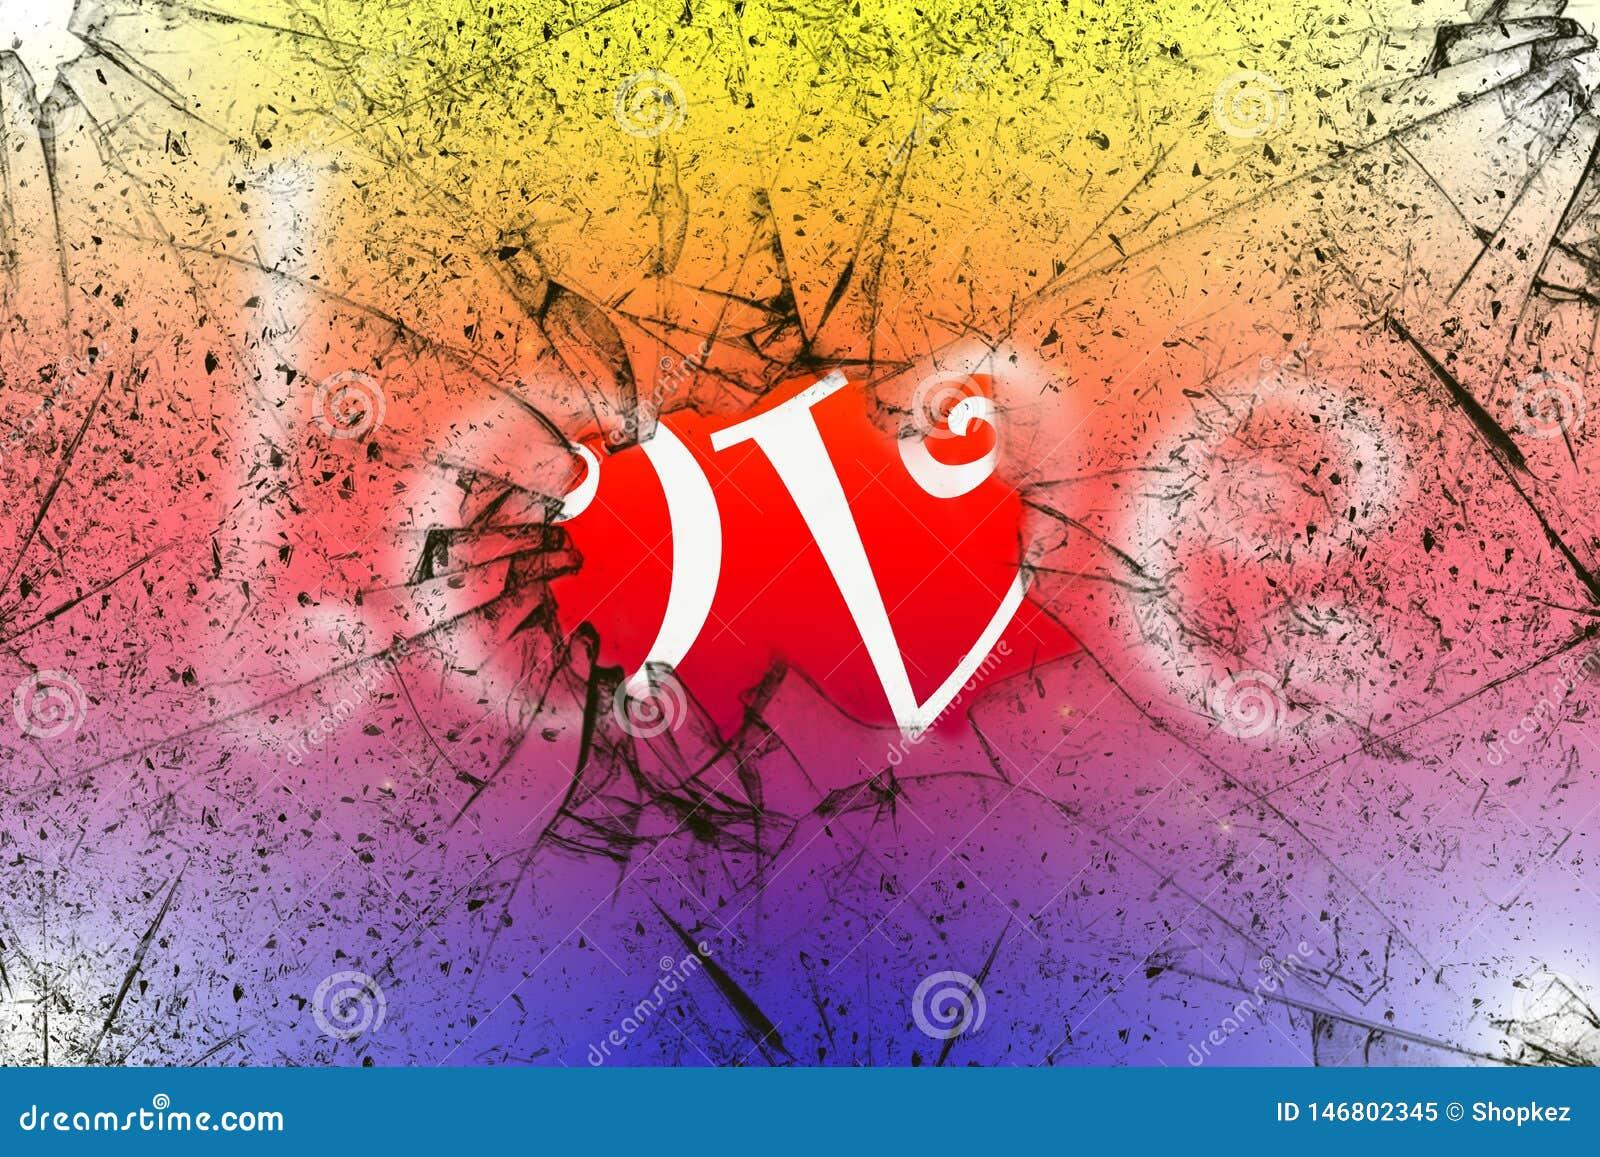 Conceito do amor da palavra atrás do vidro quebrado com fundo colorido brilhante